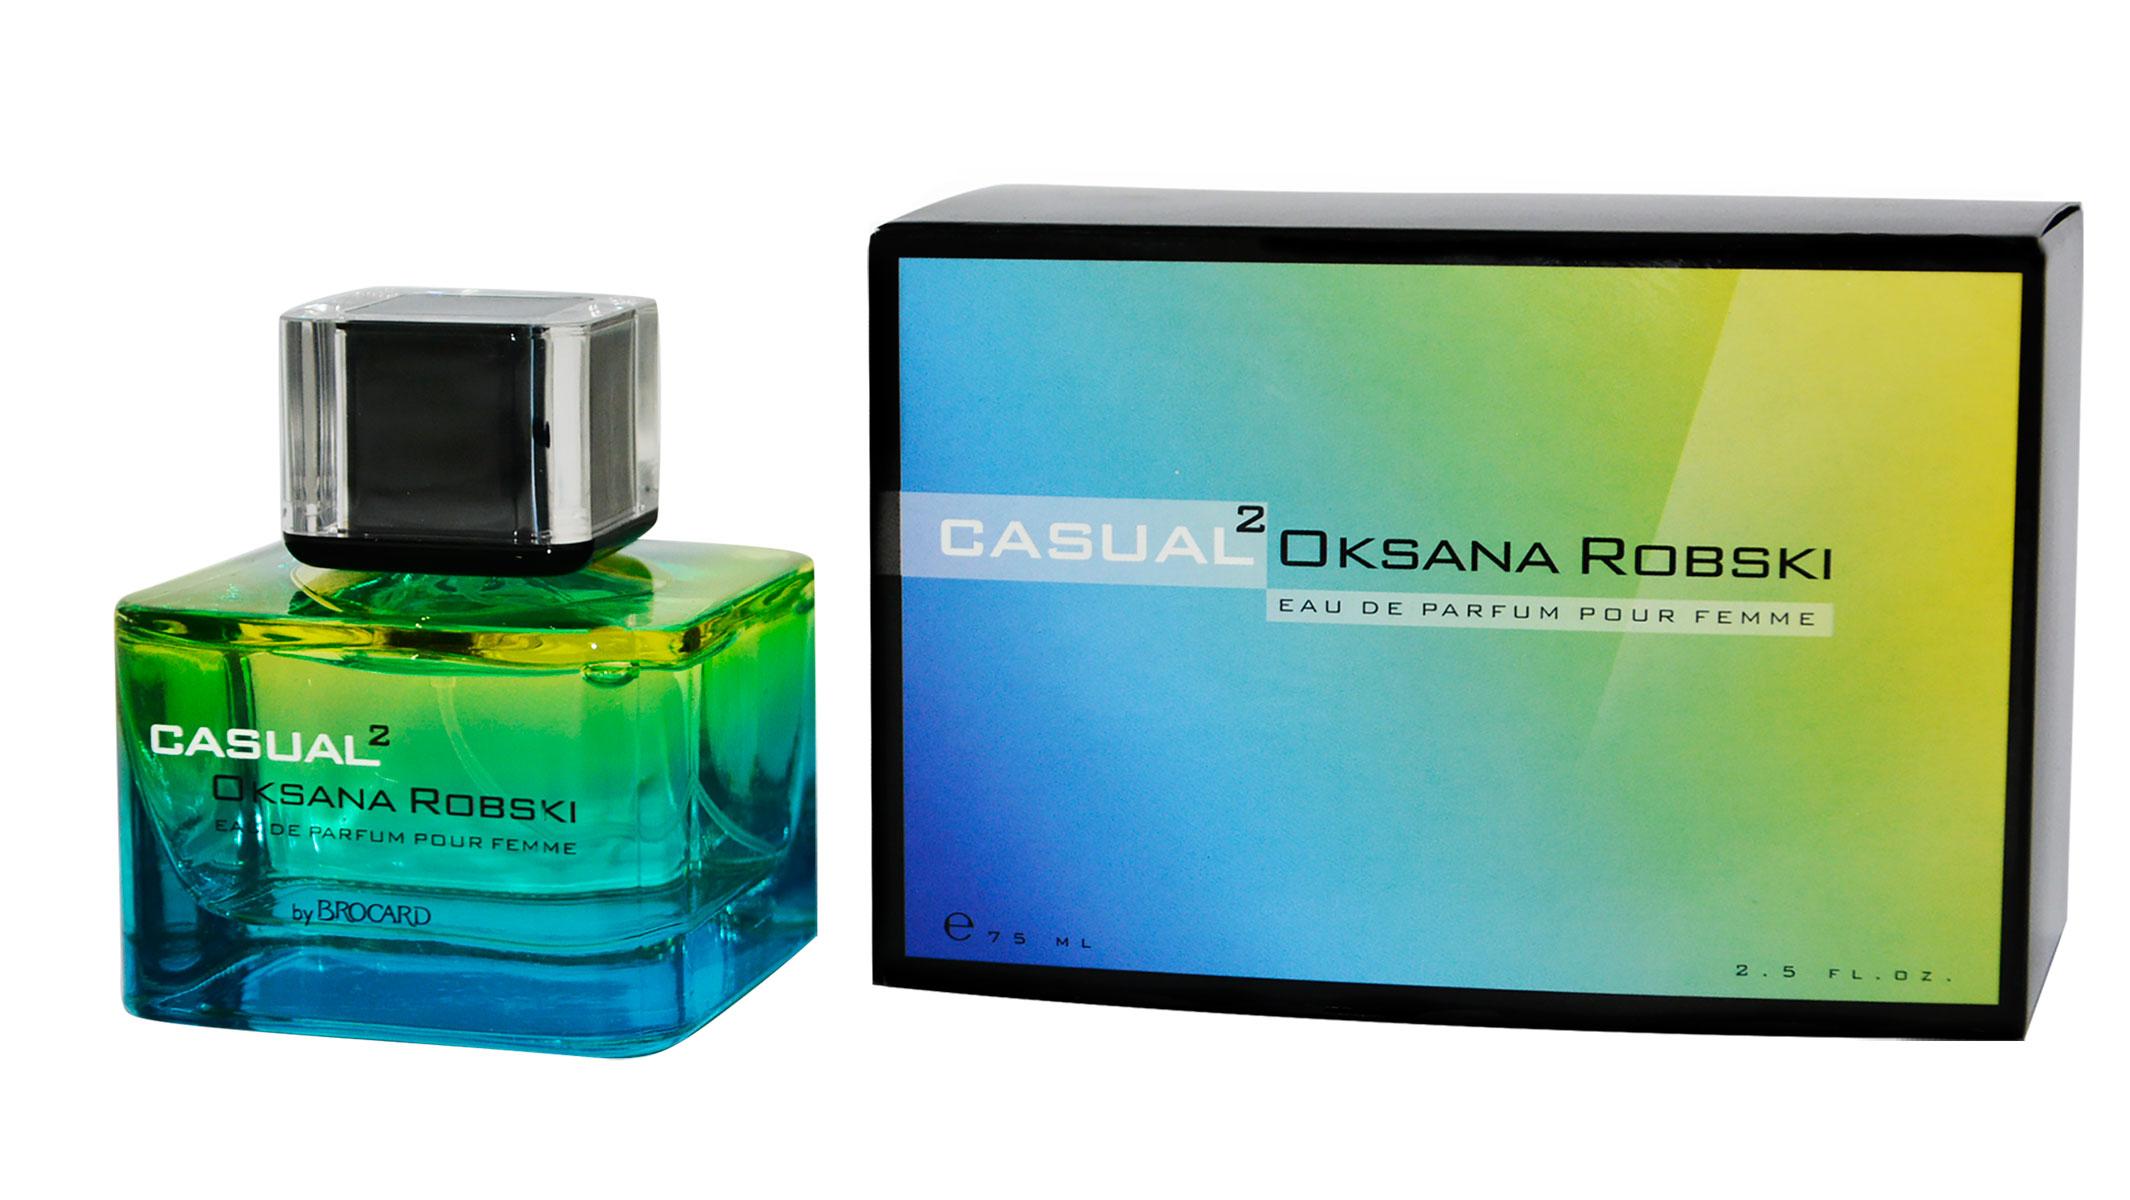 Brocard Oksana Robski Casual 2 парфюмерная вода для женщин81299Композиция Casual 2 создана легкой, свежей, невесомой, но звучашей долго. Удивительный универсальный аромат, который подходит для ежедневного использования на работе, для деловых встреч и романтических свиданий.